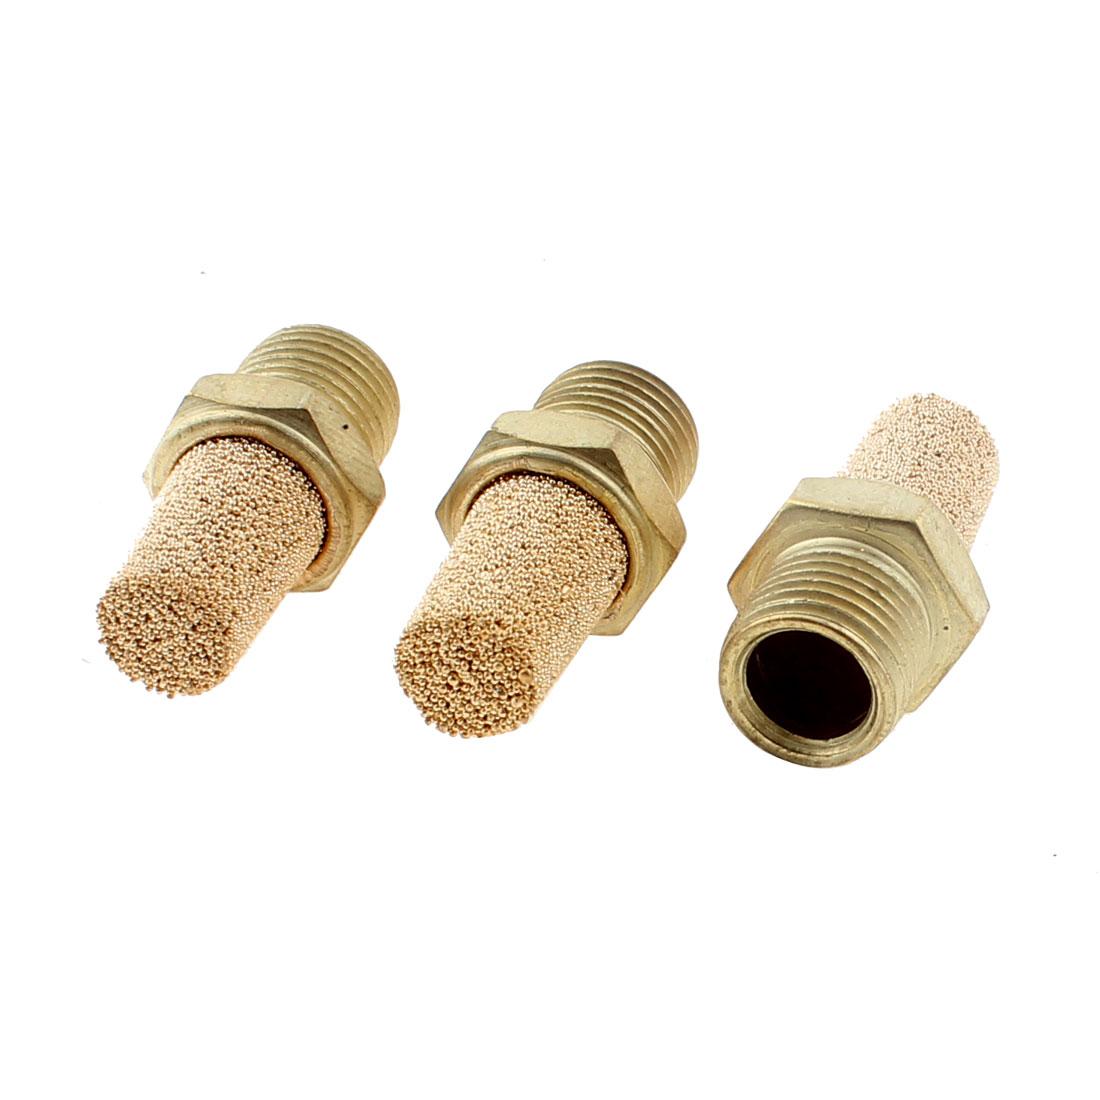 1/8BSP Male Thread Noise Reducing Pneumatic Muffler Silencer Filter 3PCS